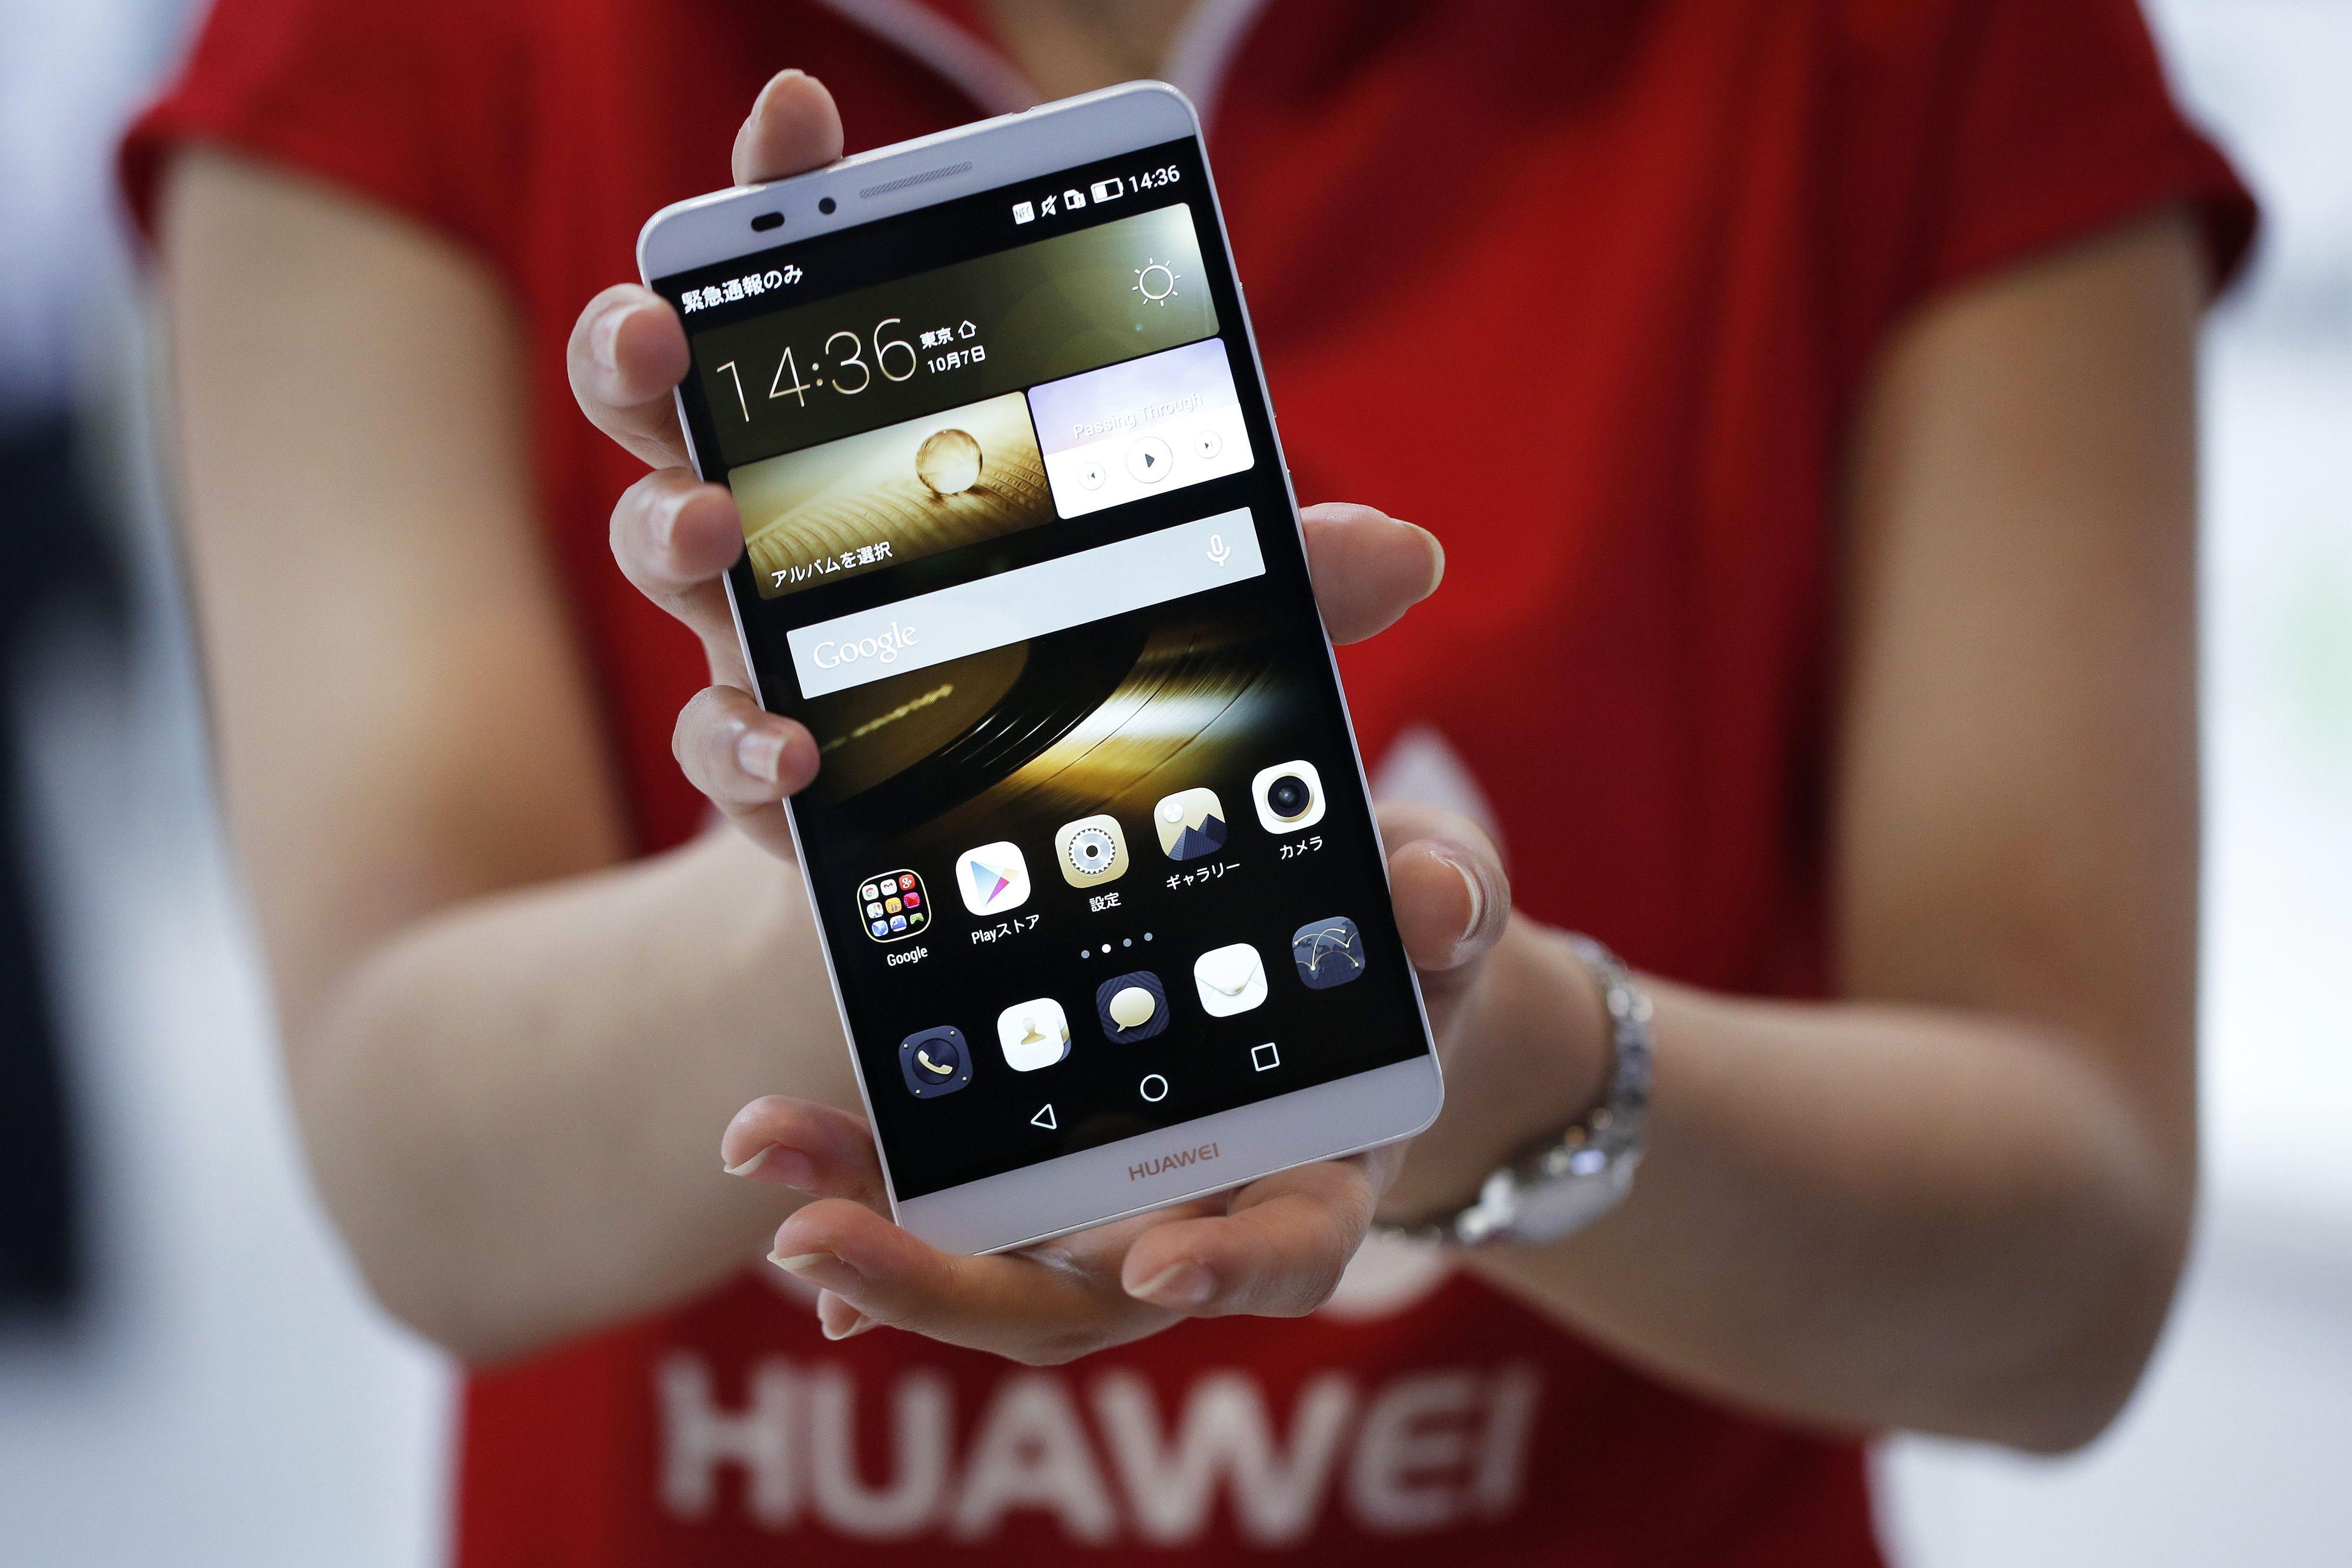 A Huawei phone.